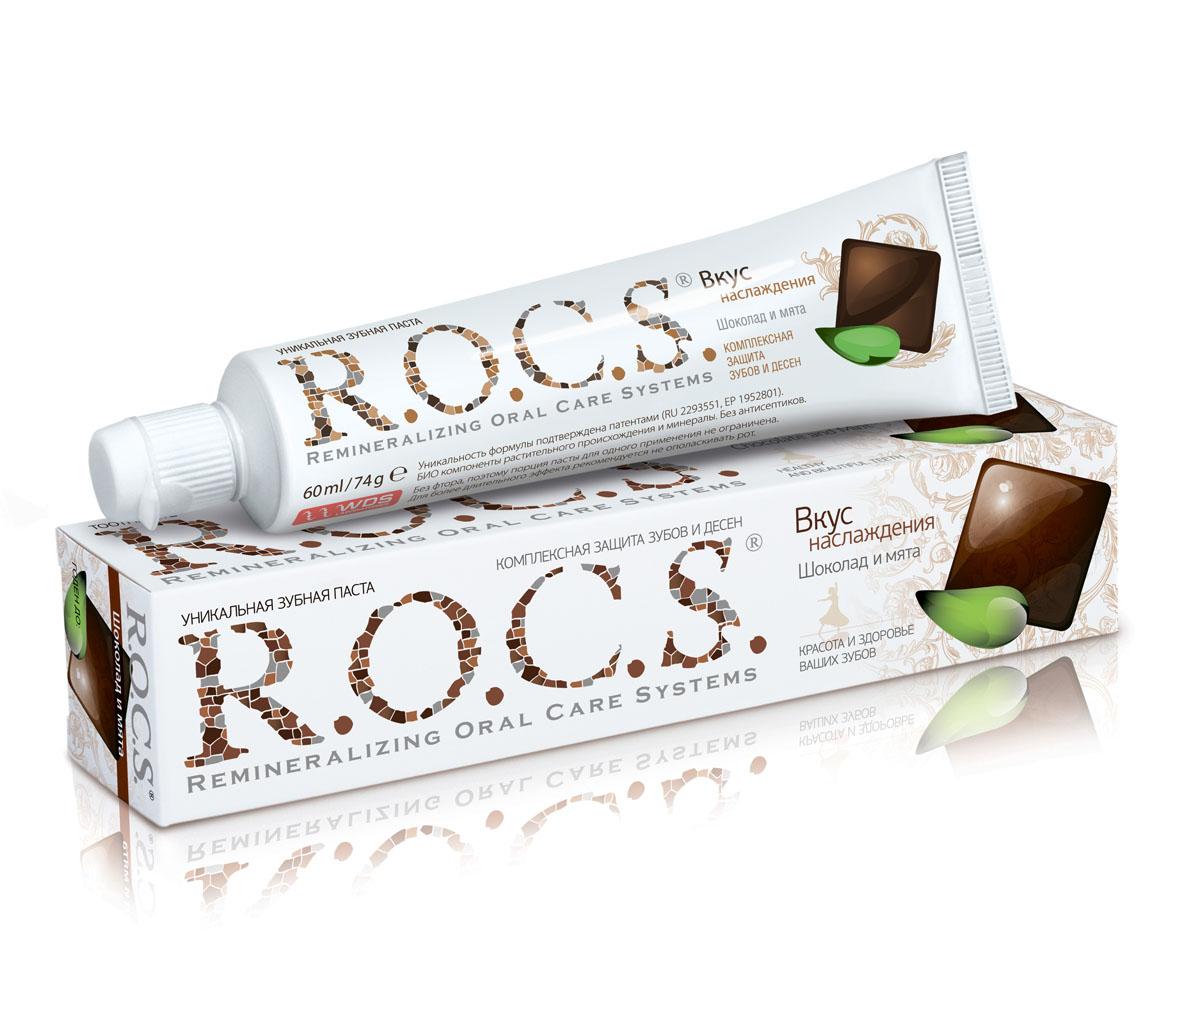 Зубная паста R.O.C.S. Шоколад и мята, 74 г32700050Уникальная зубная паста R.O.C.S. Шоколад и мята - комплексная защита зубов и десен. Значительное количество ингредиентов зубной пасты попадает в кровь через слизистую оболочку полости рта в момент чистки зубов. Вот почему так важно, чтобы паста была безопасной. Запатентованная формула R.O.C.S. содержи био-компоненты растительного происхождения, активность которых сохраняется благодаря применяемой низкотемпературной технологии приготовления зубной пасты.Высокая эффективность R.O.C.S. подтверждена клиническими исследованиями: Защищает от кариеса и нормализует состав микрофлоры полости рта;Возвращает белизну и блеск эмали за счет действия ферментативной системы в сочетании с минеральным комплексом;Устраняет кровоточивость и воспаление десен без применения антисептиков. Характеристики: Вес: 74 г. Производитель: Россия. Артикул: 71675. Товар сертифицирован.